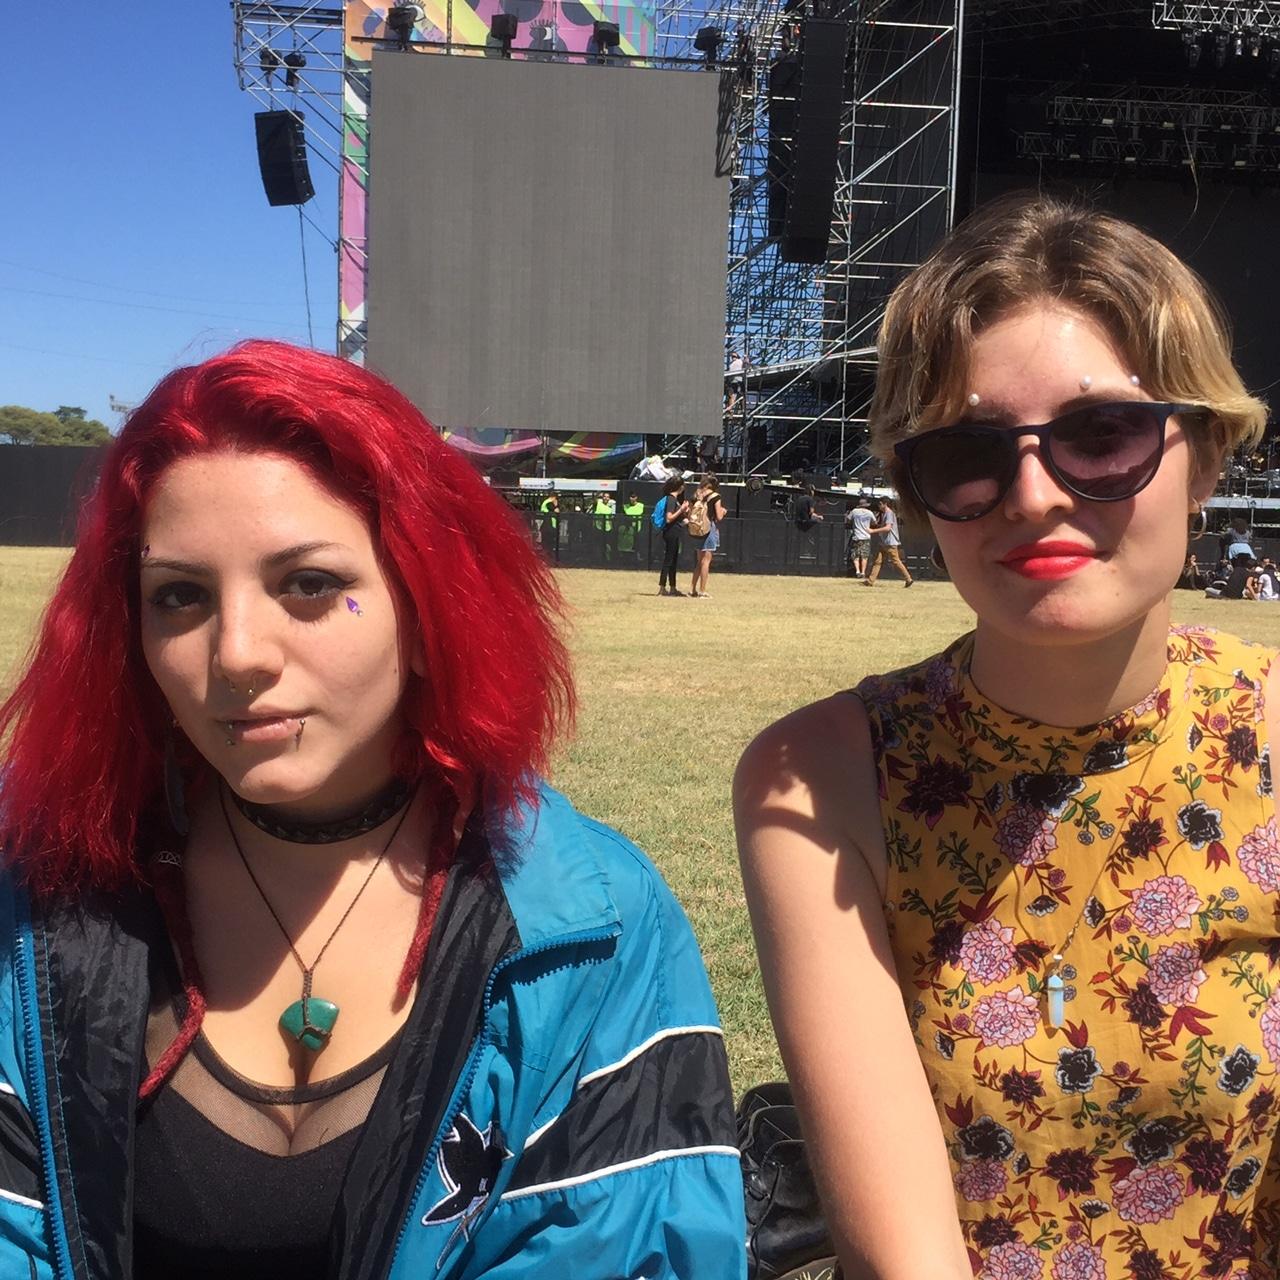 pelo color rojo tinutra decoloración rubio corto con mechas festival amigas estilos